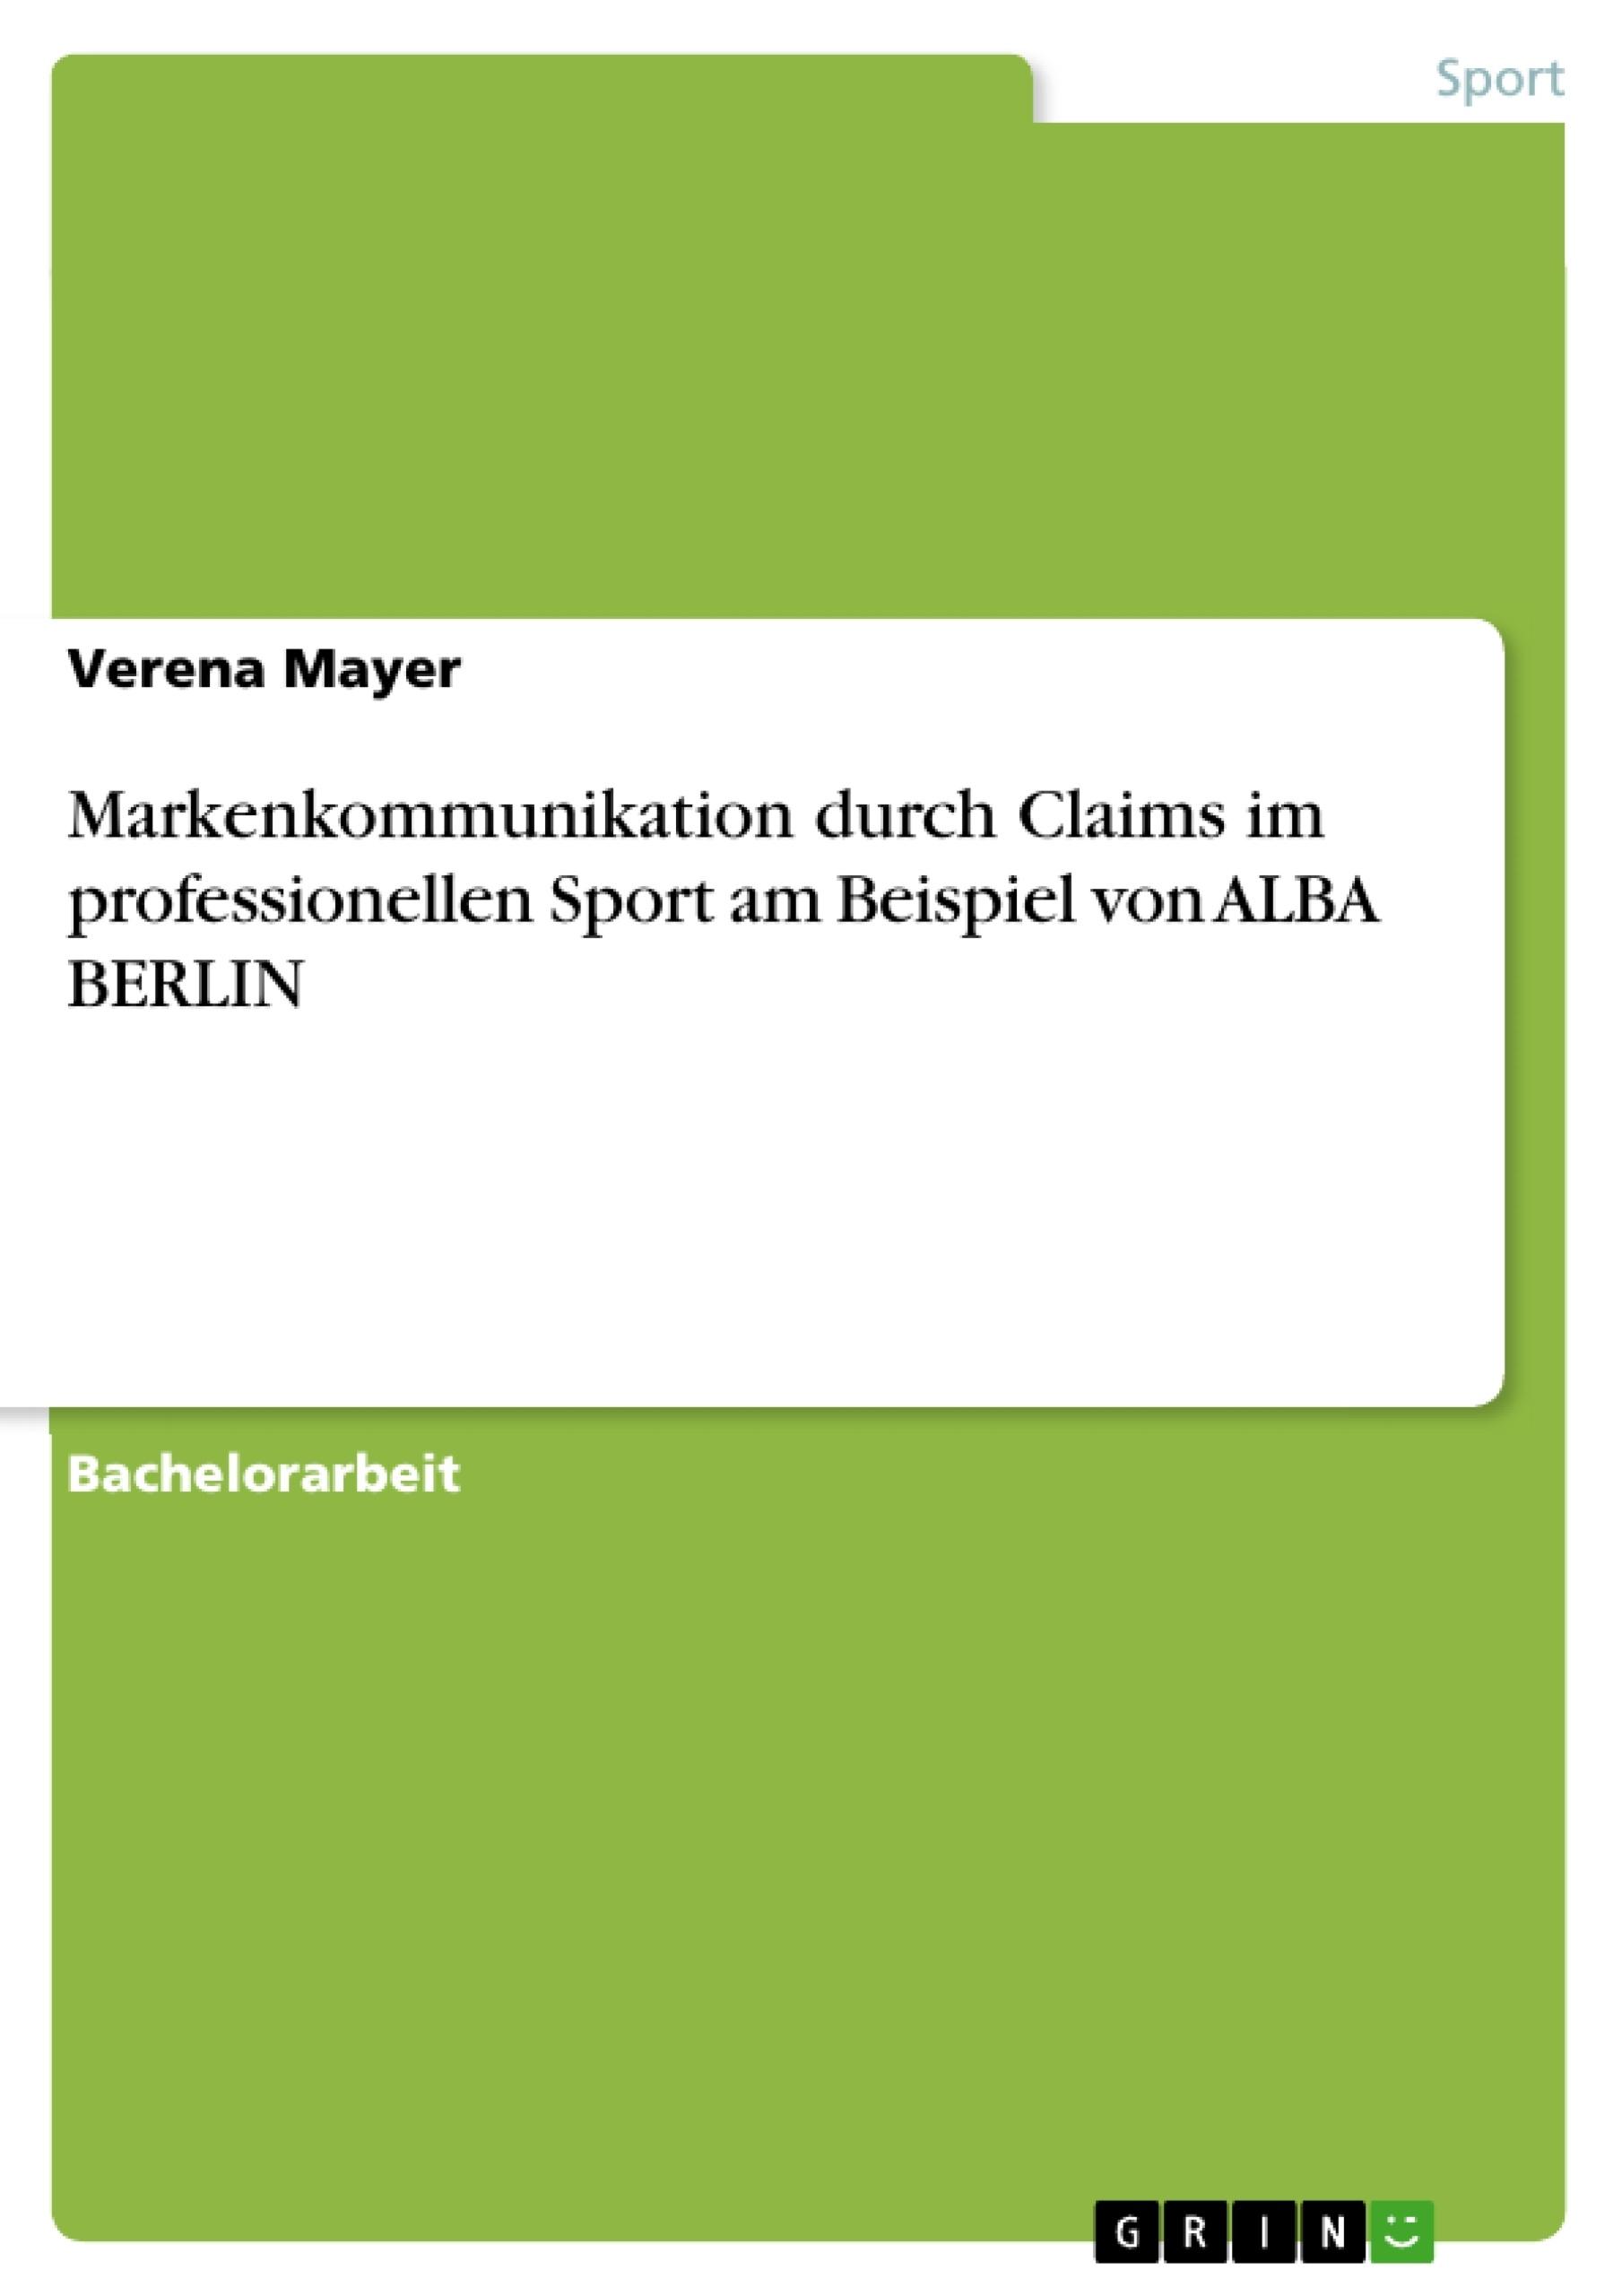 Titel: Markenkommunikation durch Claims im professionellen Sport am Beispiel von ALBA BERLIN